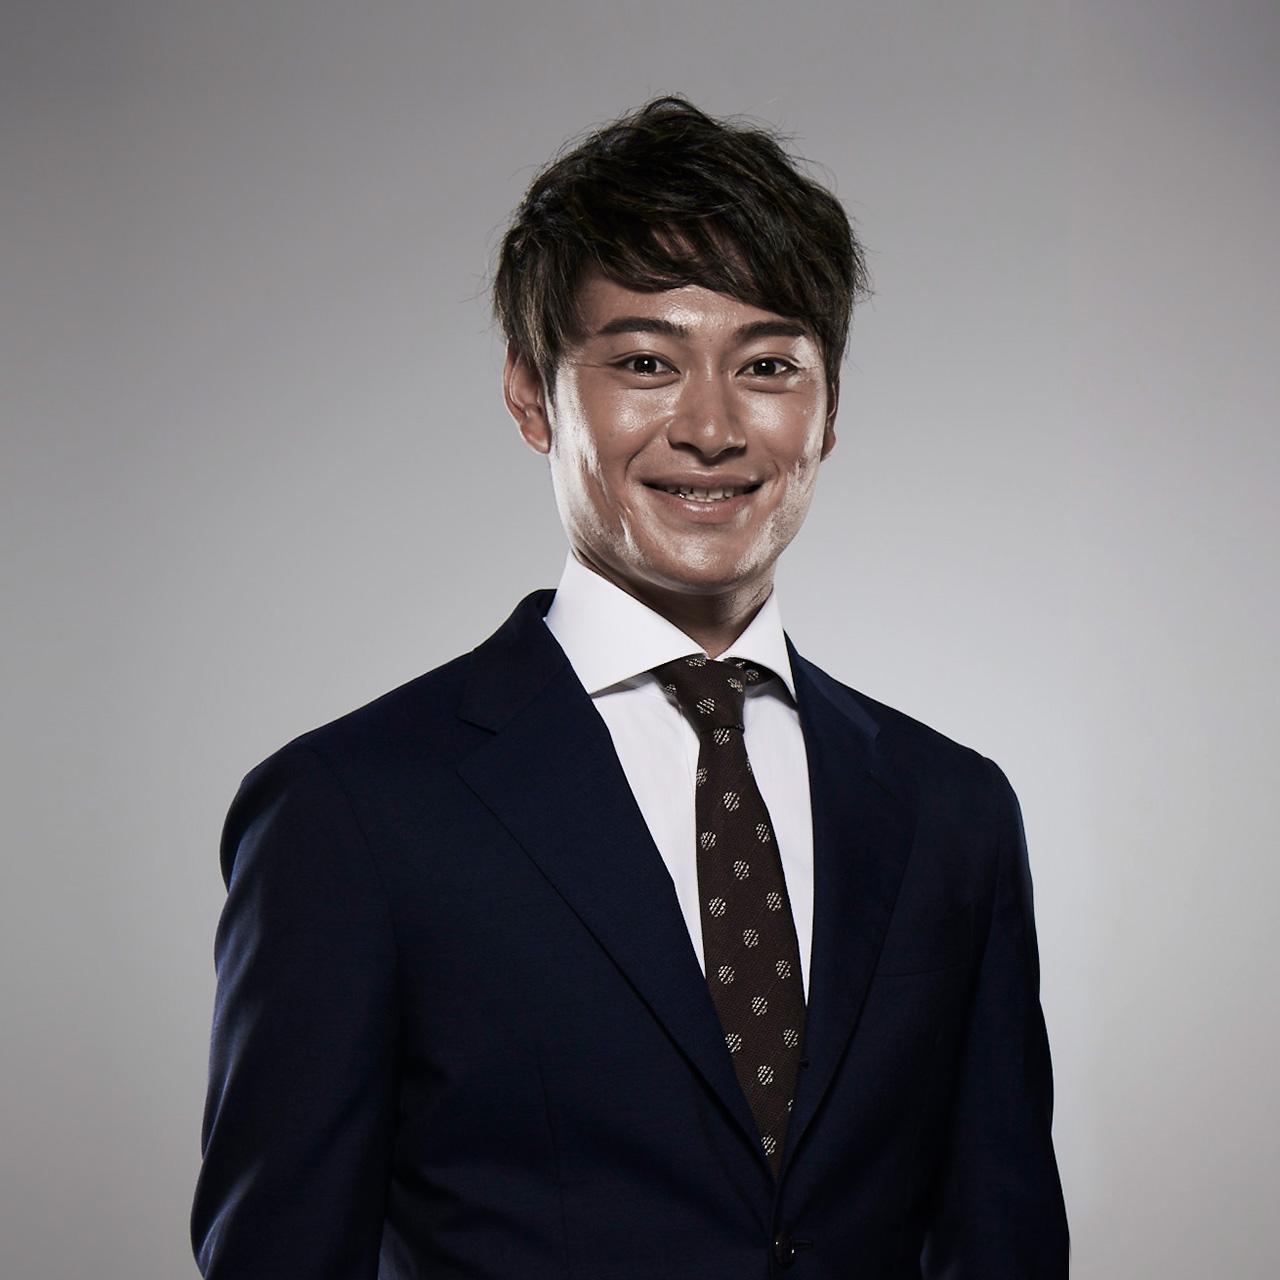 プロソフトテニスプレイヤー 船水雄太選手の画像